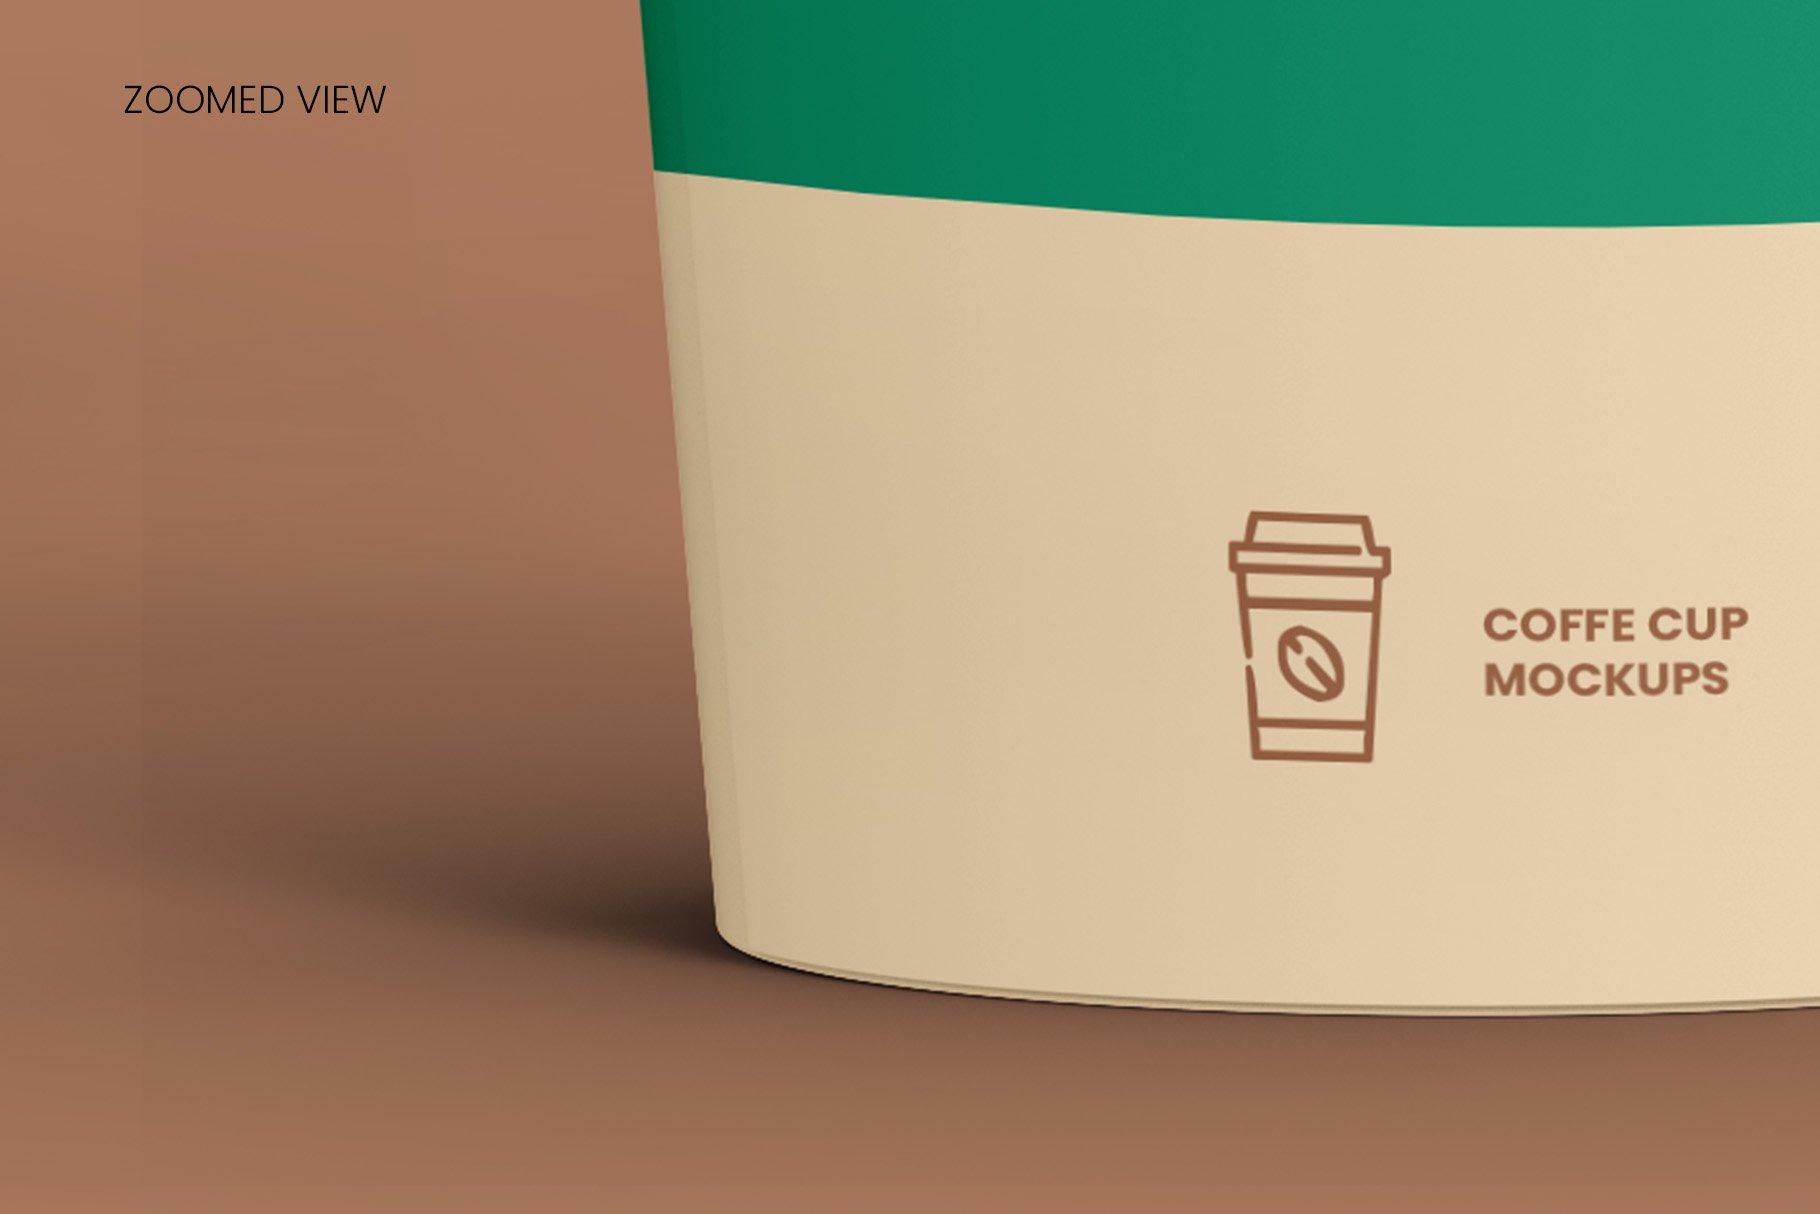 8个一次性咖啡外卖纸杯设计贴图样机模板 Coffee Cup Mockup – 8 views插图13